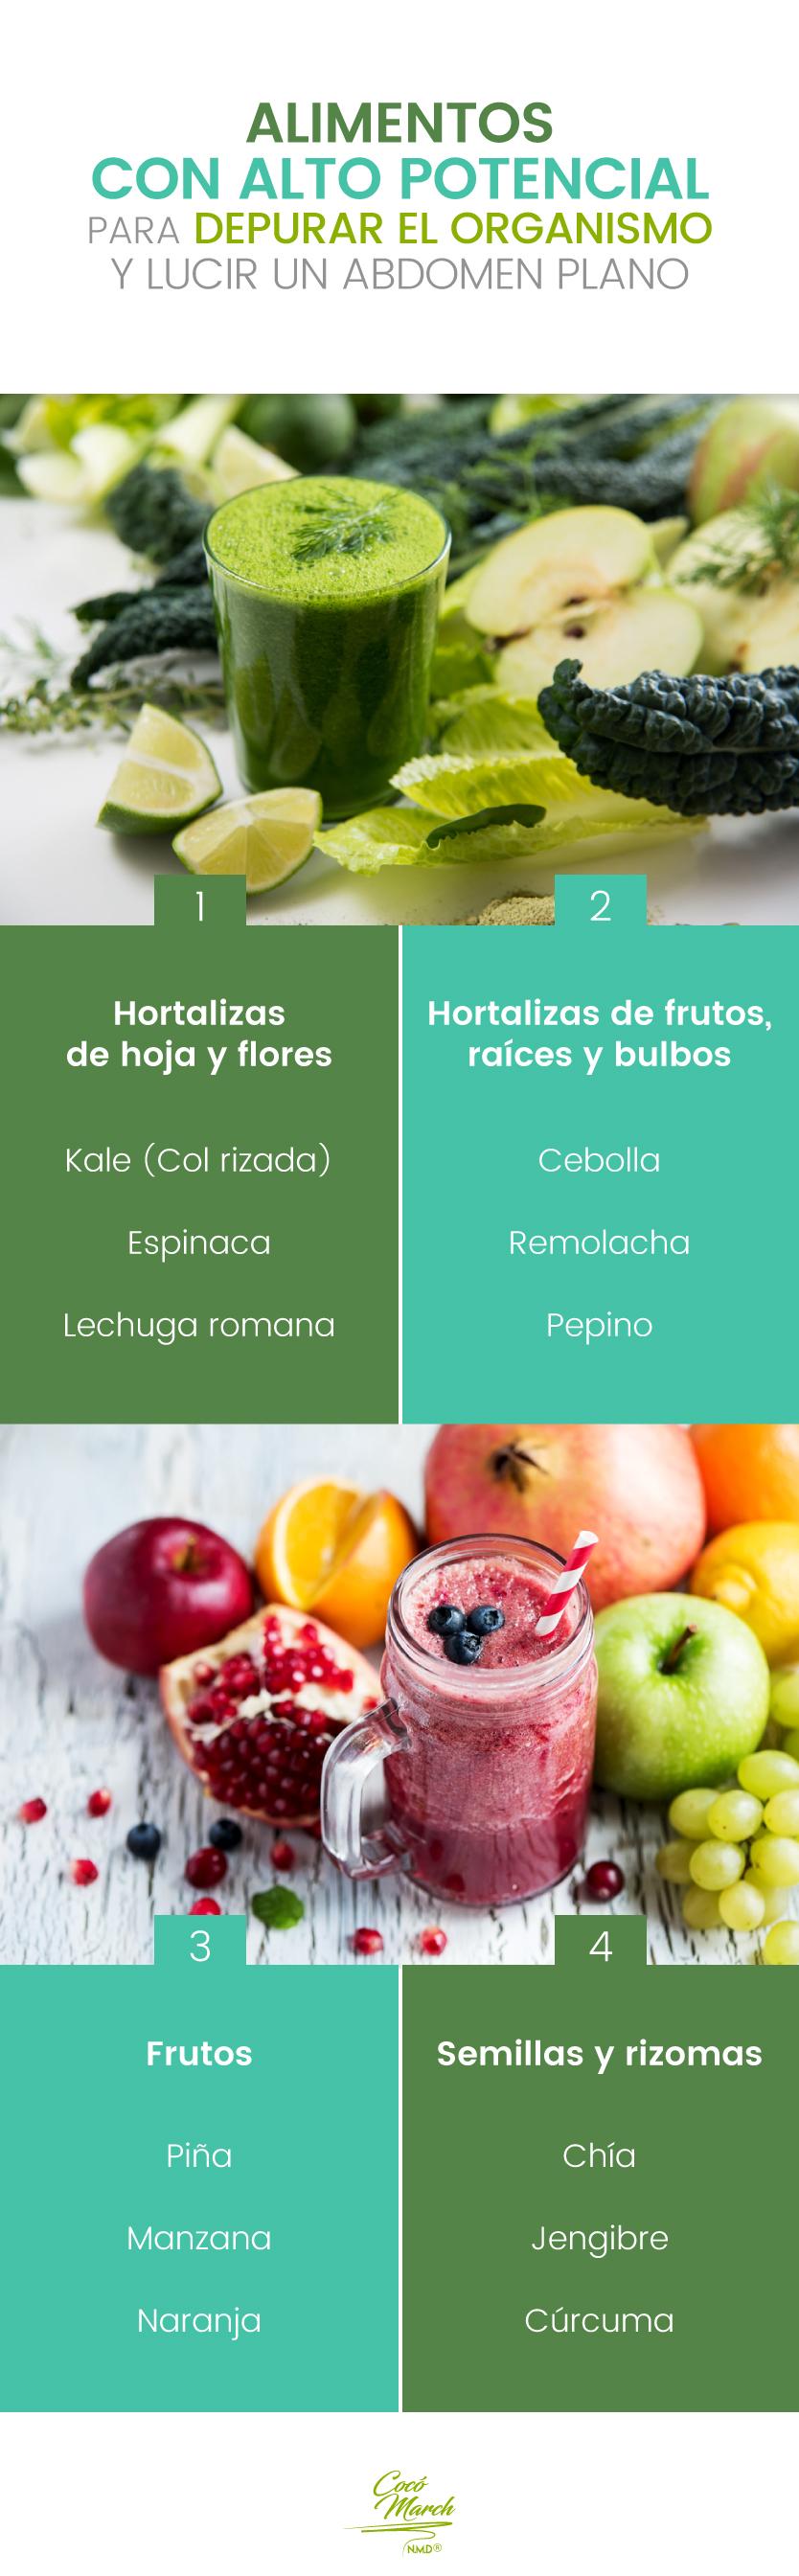 alimentos-para-depurar-el-organismo